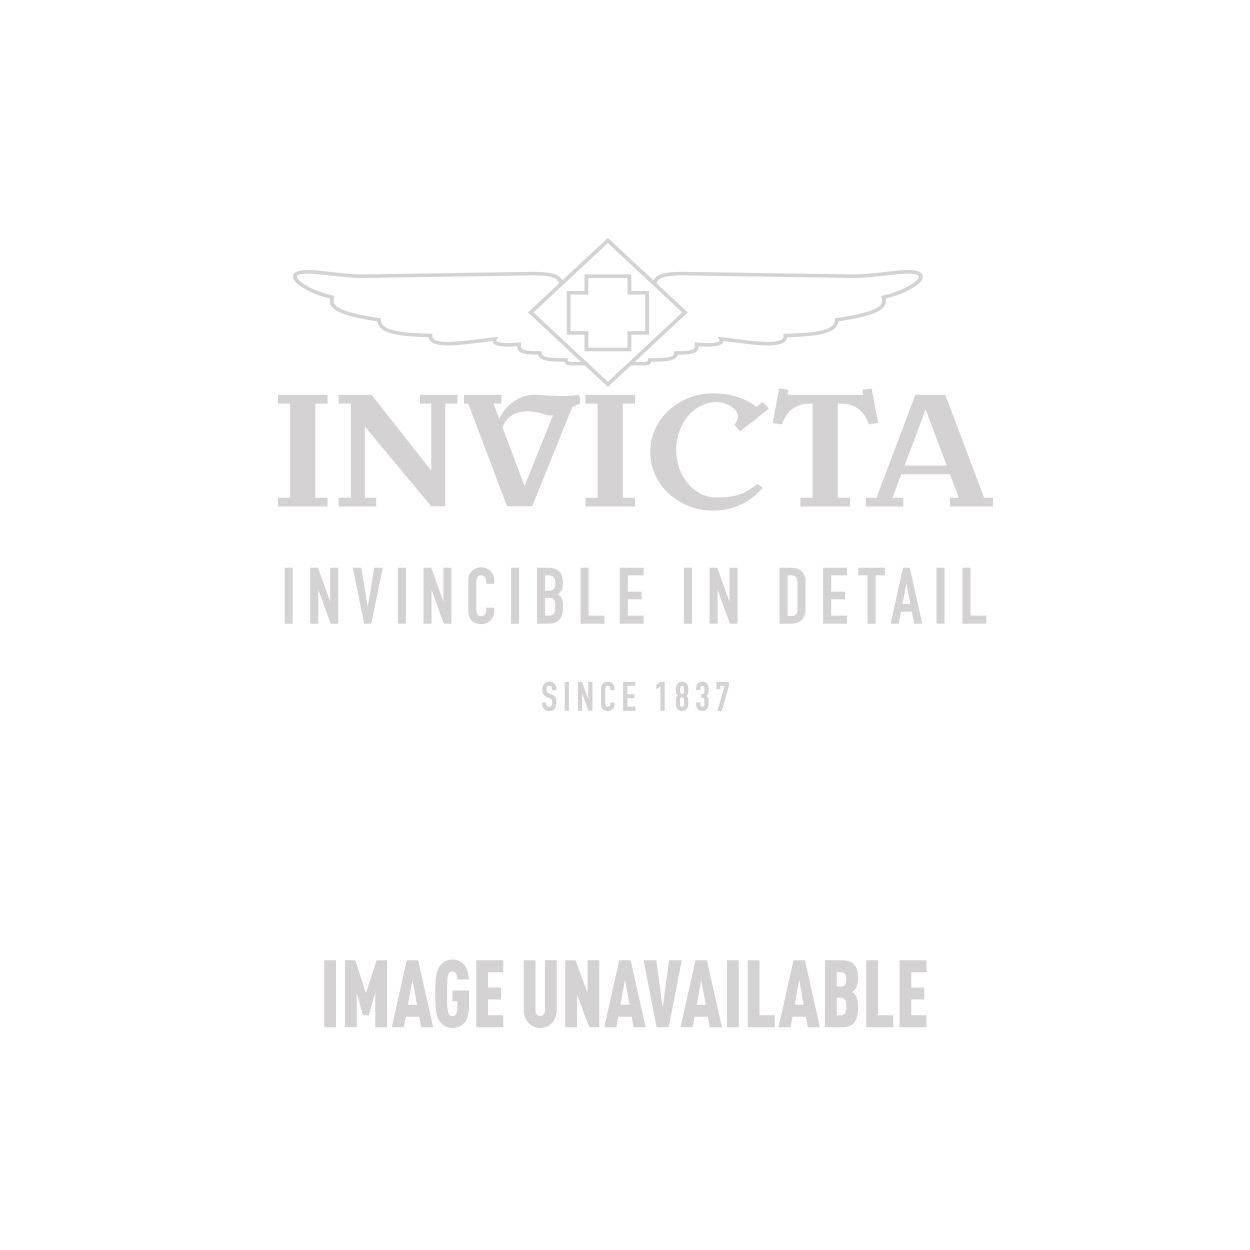 Invicta Model 28137